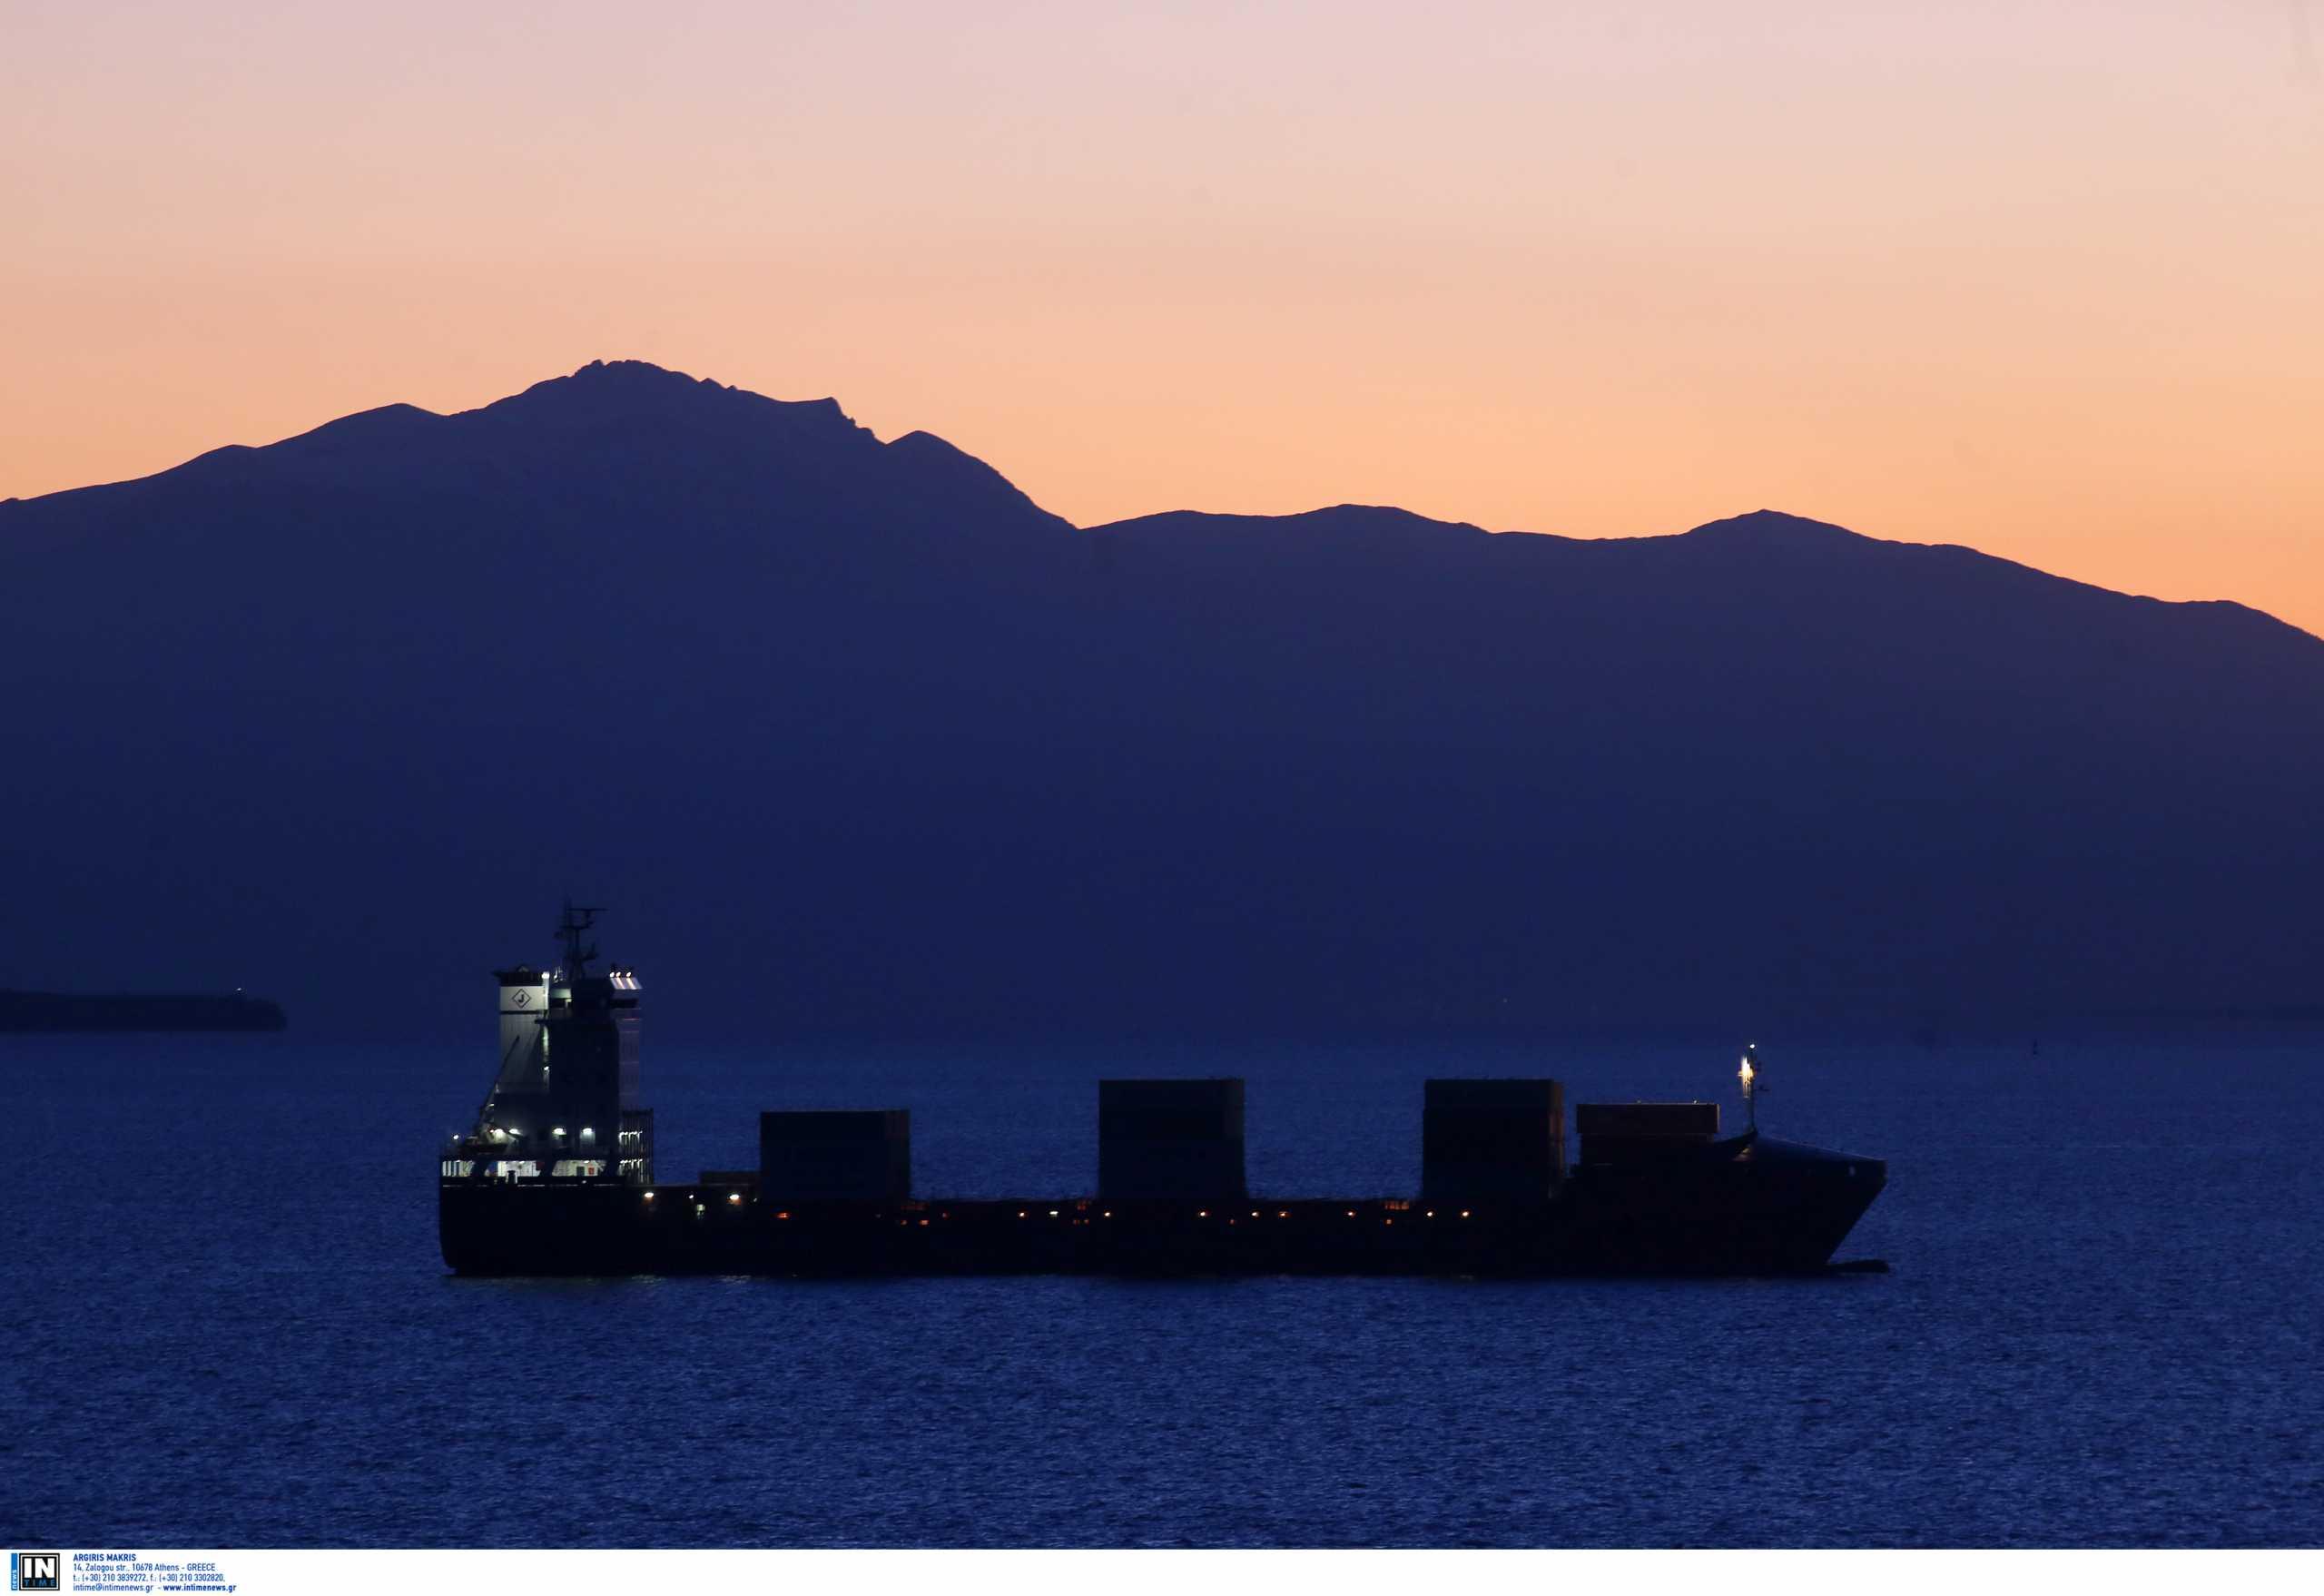 ΕΛΣΤΑΤ: 8 τα ναυτικά ατυχήματα σε ελληνικά εμπορικά πλοία 100 κόρων και άνω πέρυσι